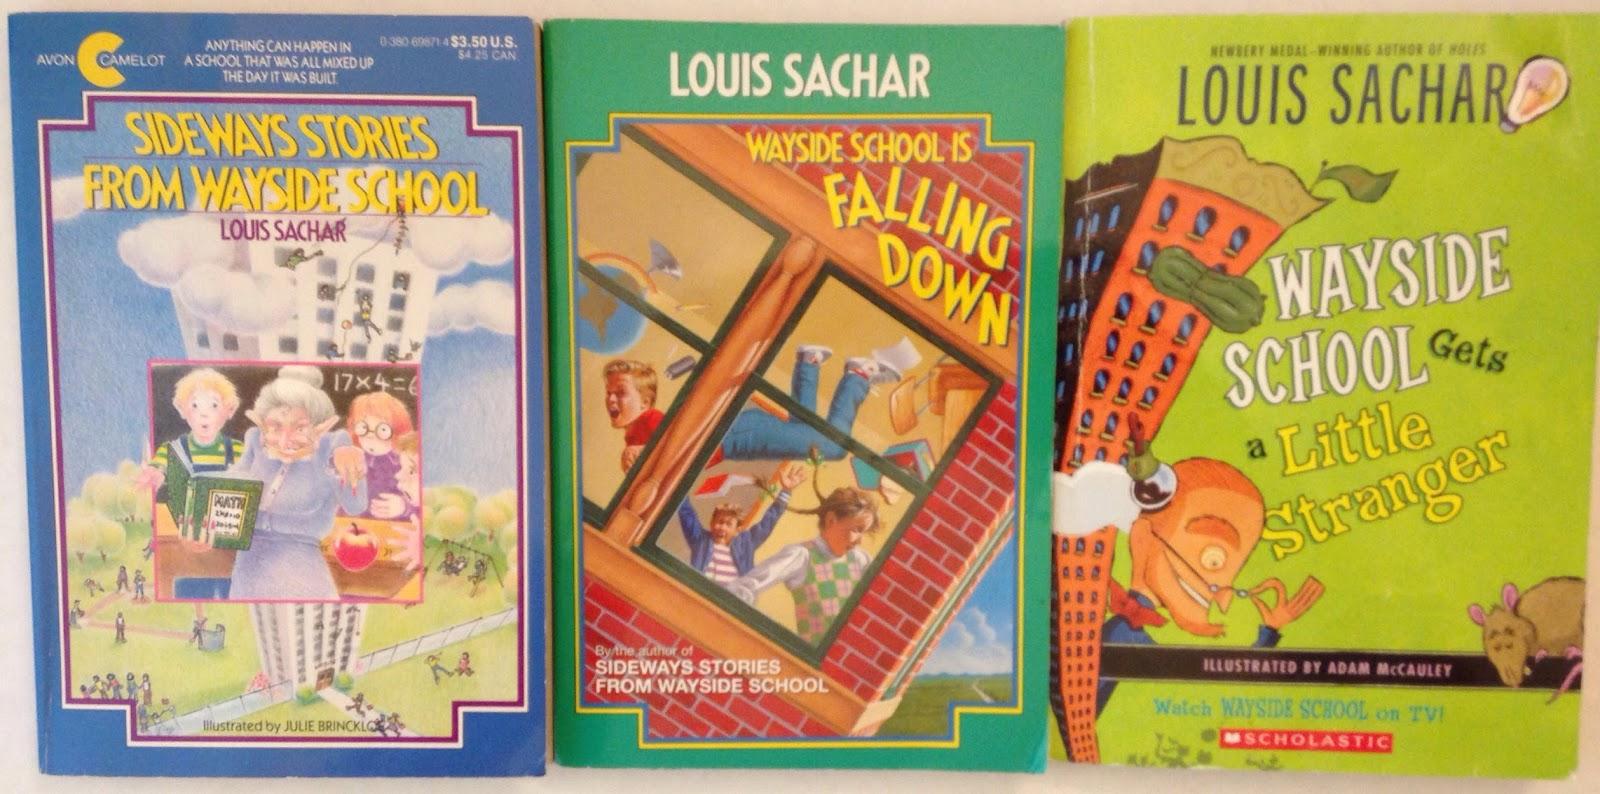 wayside school characters